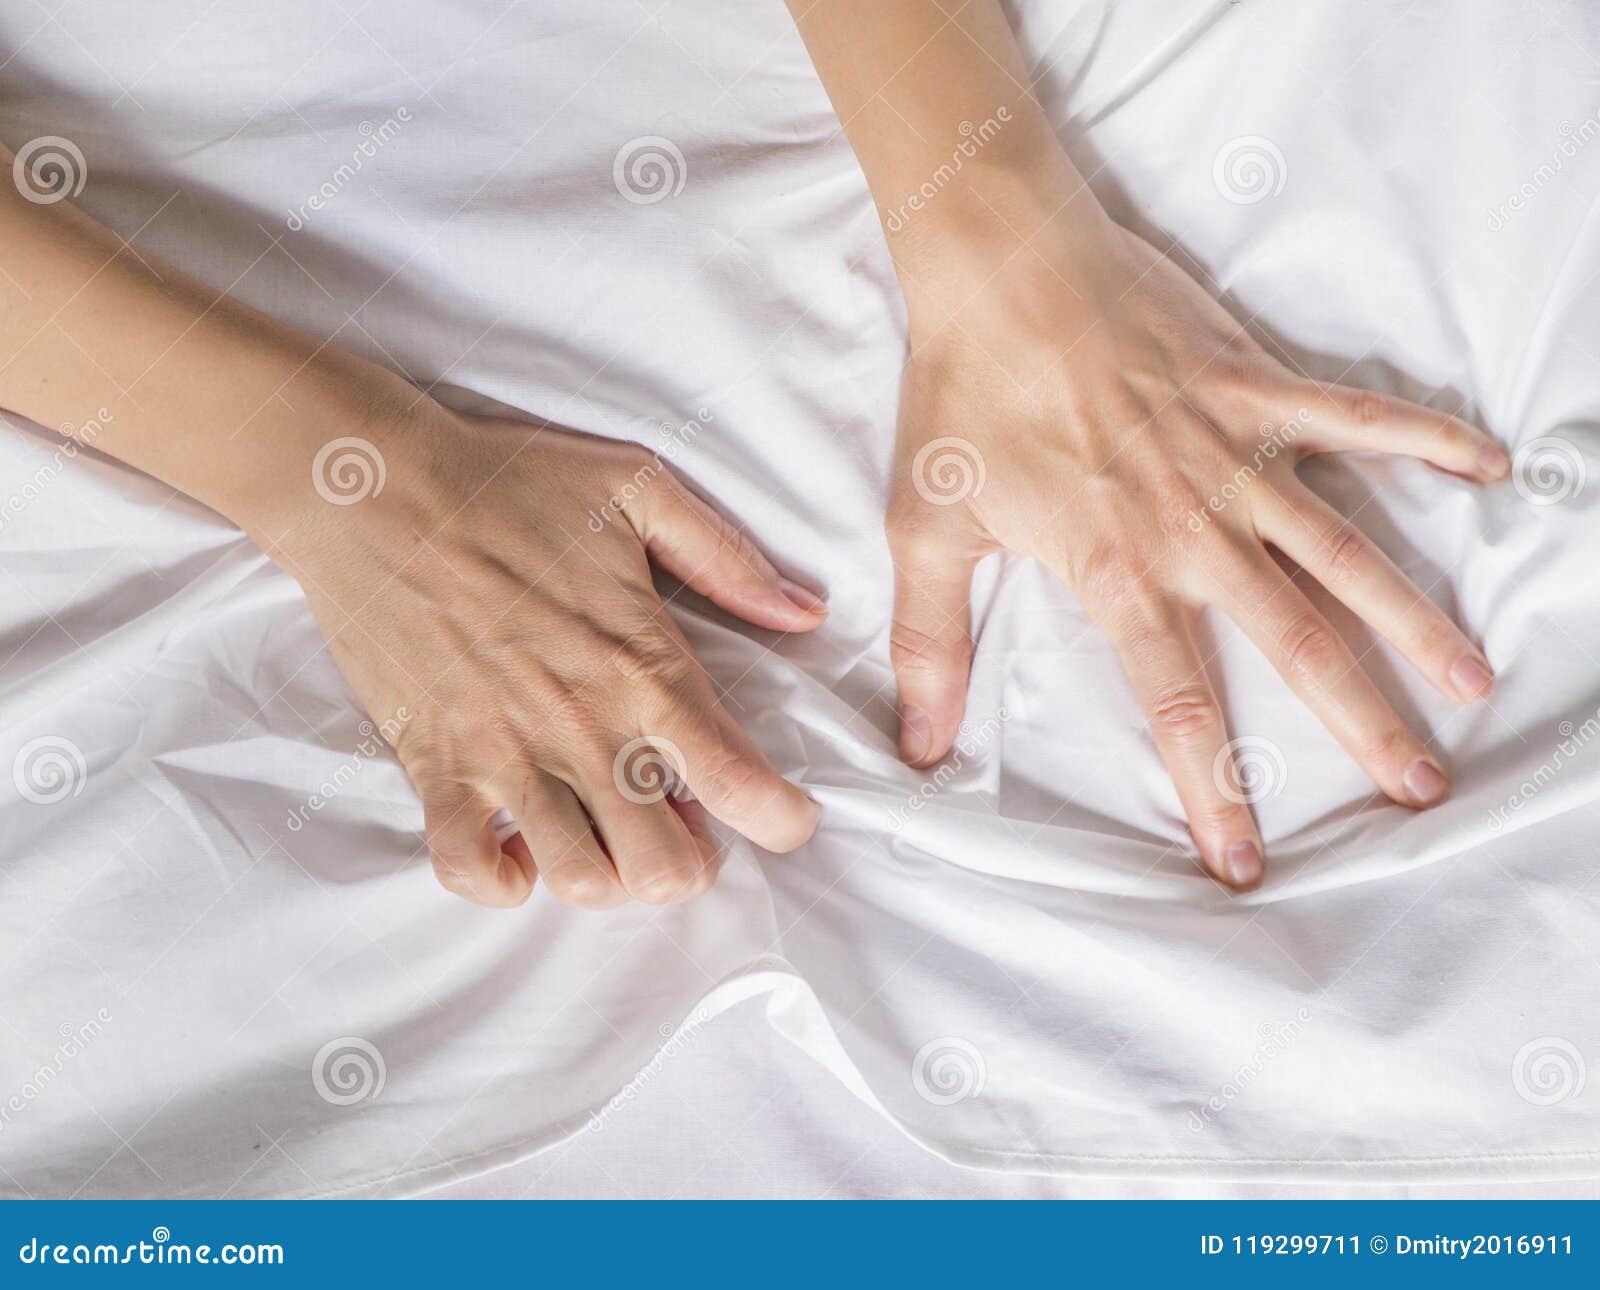 成人性交视下载_销魂的标志,感觉乐趣或性交高潮 库存图片 - 图片 包括有 成人, 人们